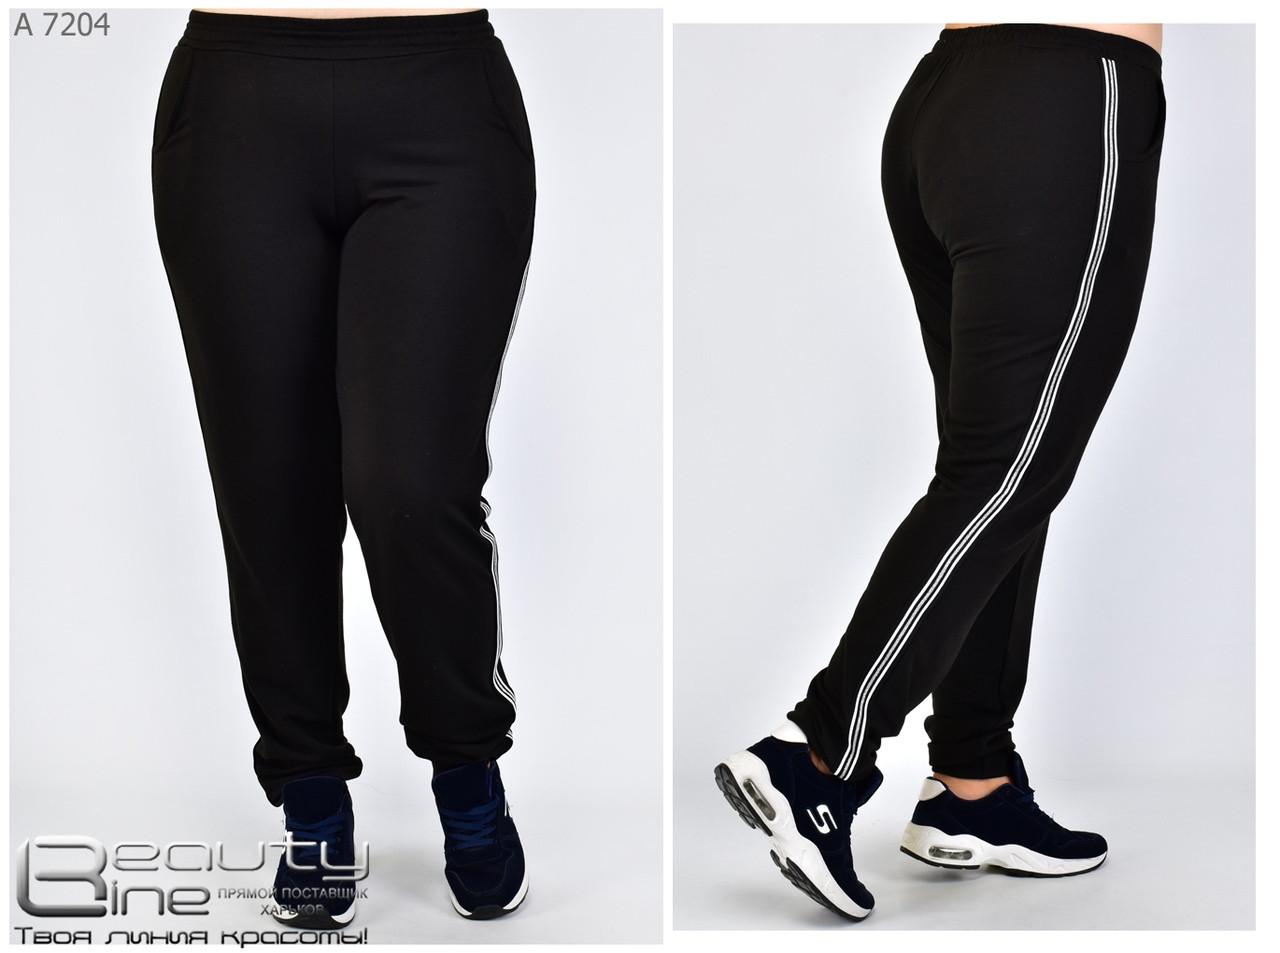 Женские трикотажные брюки в спортивном стиле Размеры 52.54.56.58.60.62.64.66.68.70.